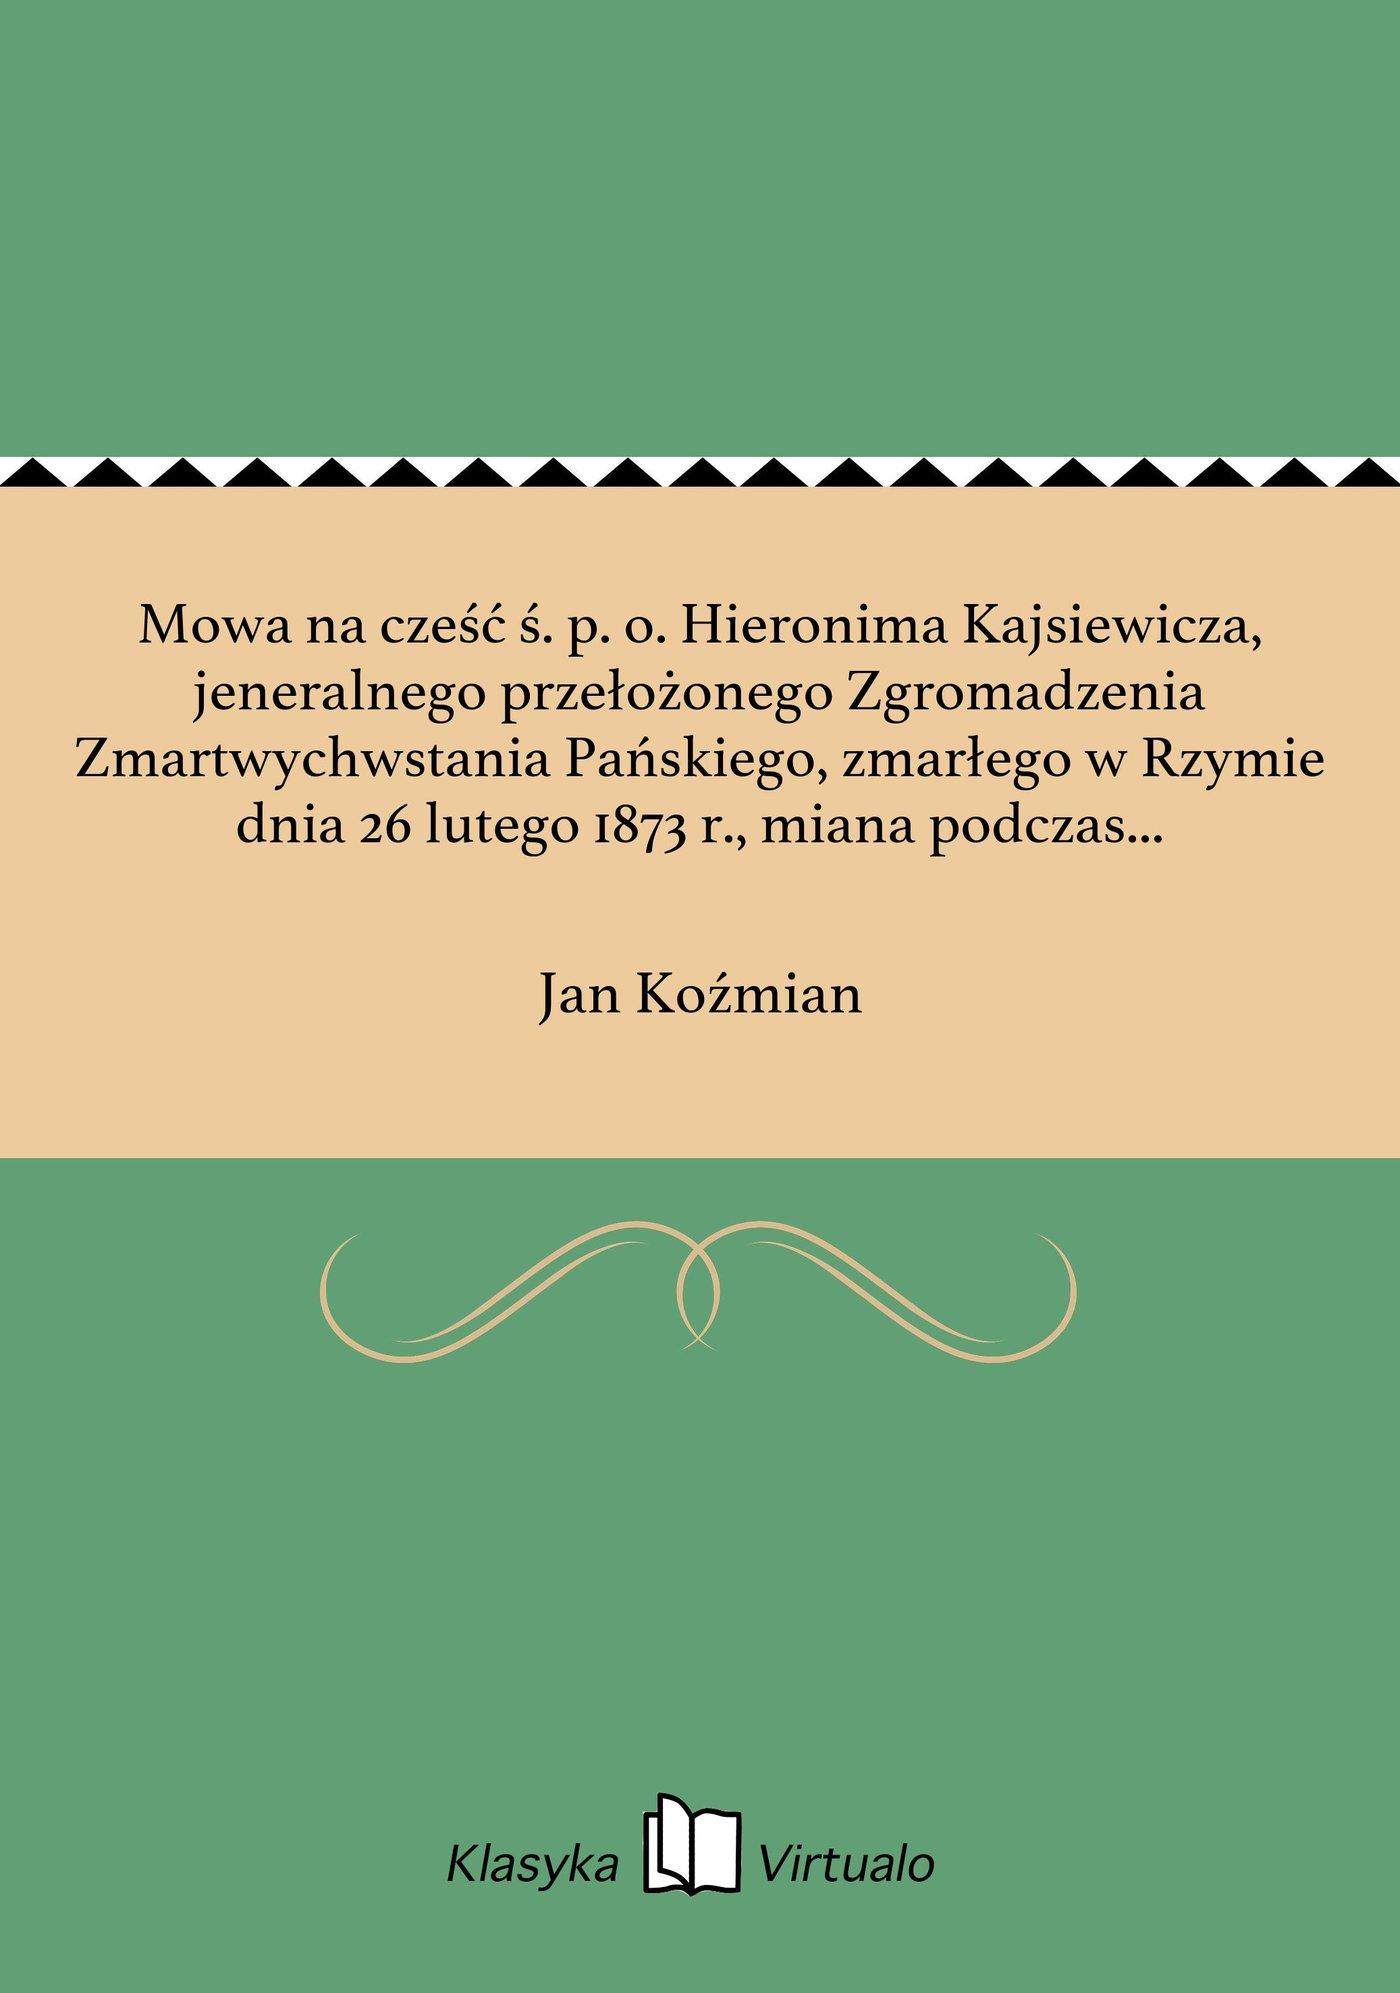 Mowa na cześć ś. p. o. Hieronima Kajsiewicza, jeneralnego przełożonego Zgromadzenia Zmartwychwstania Pańskiego, zmarłego w Rzymie dnia 26 lutego 1873 r., miana podczas nabożeństwa żałobnego w kościele św. Marcina w Poznaniu w dniu 15 marca 18 - Ebook (Książka EPUB) do pobrania w formacie EPUB